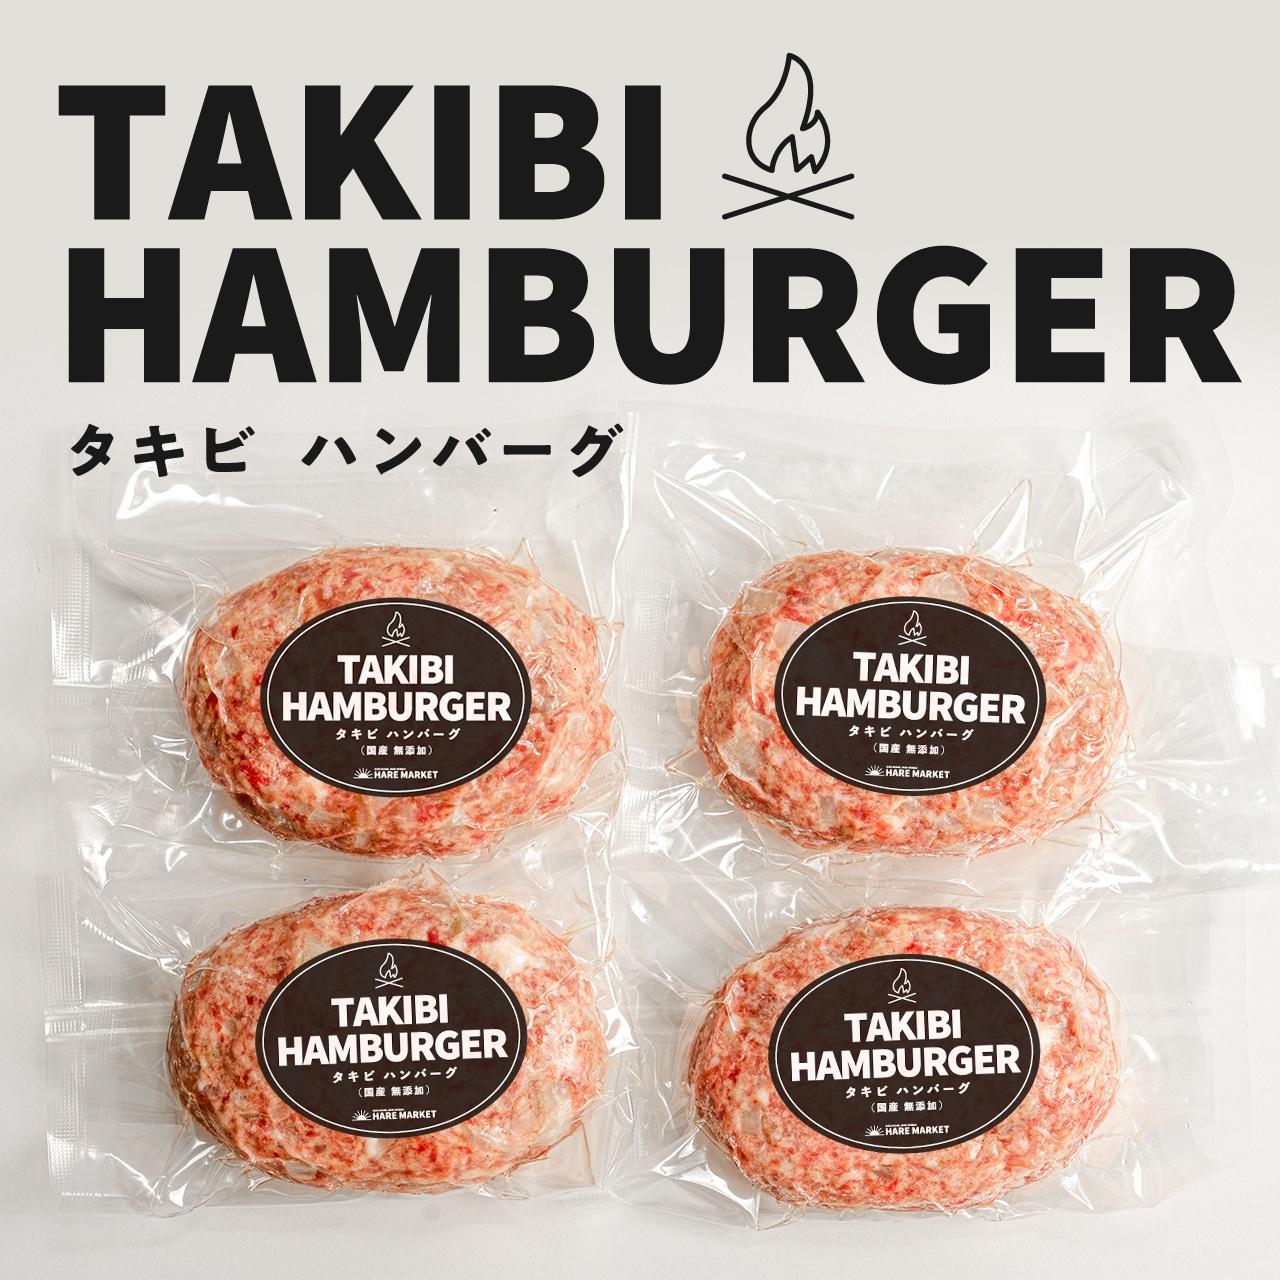 【熾火でじっくり焼き上げる】TAKIBIハンバーグ 8枚